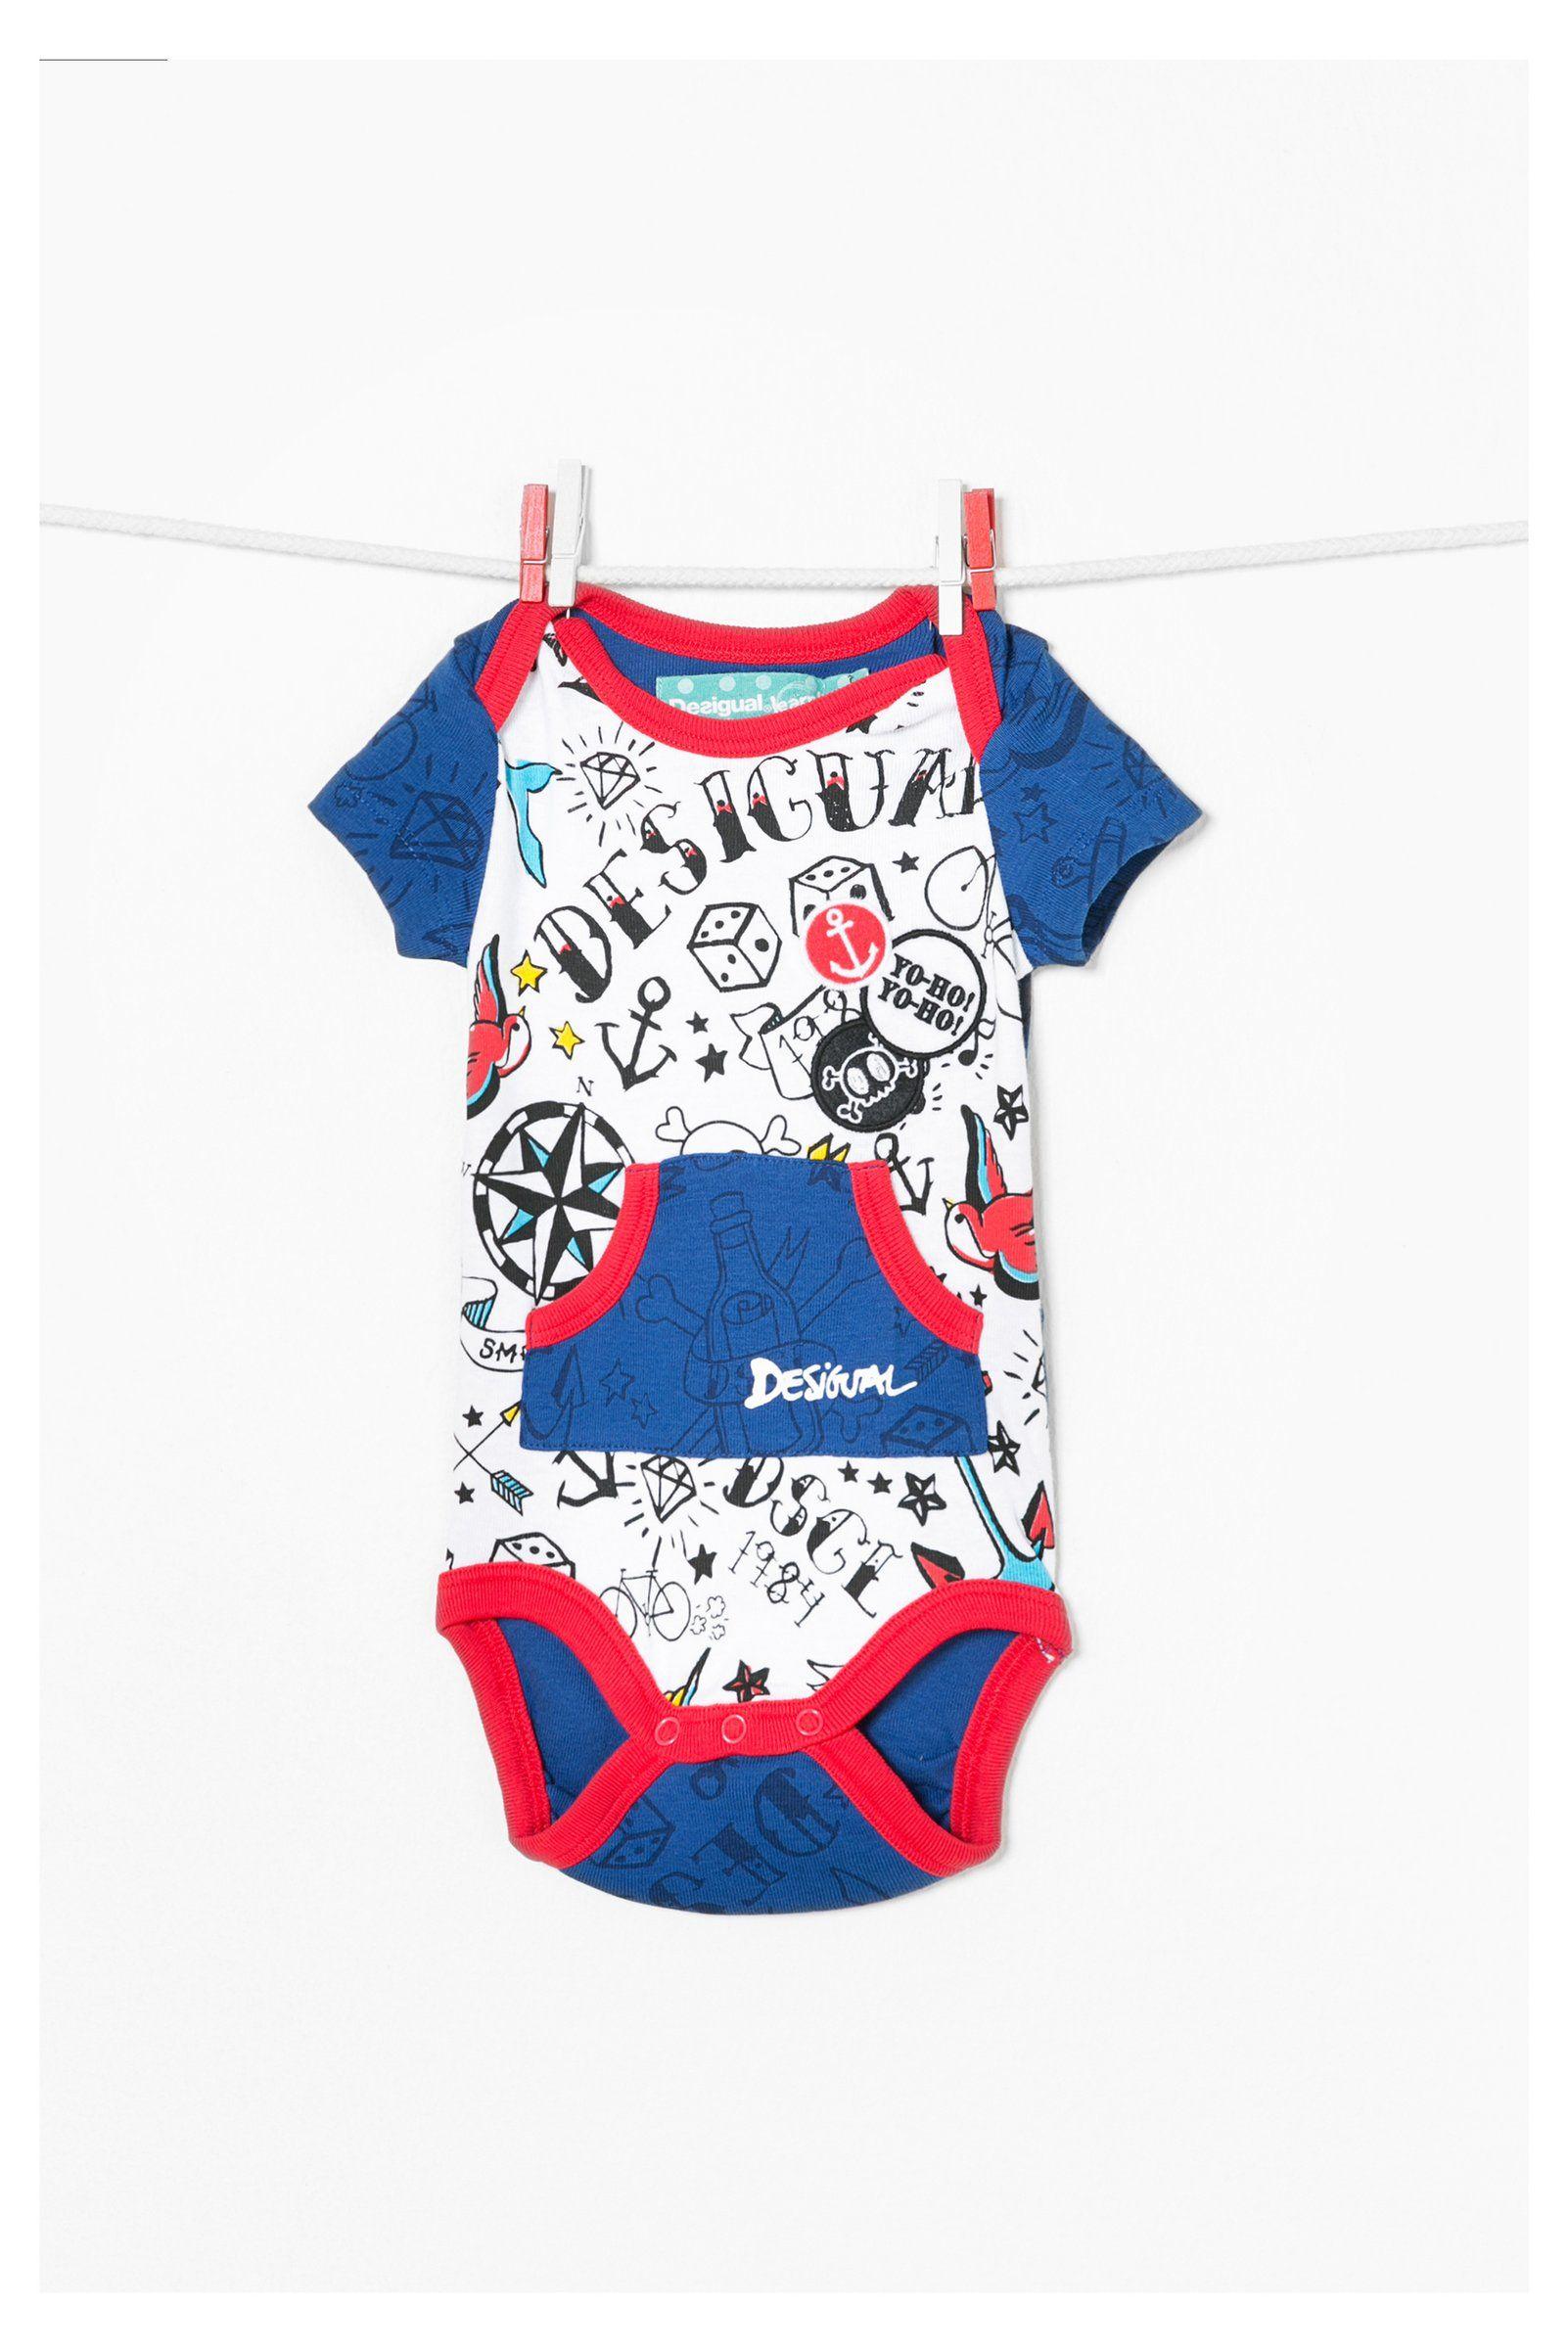 Body de bebé azul Desigual. ¡Descubre la colección de niño más cañera!